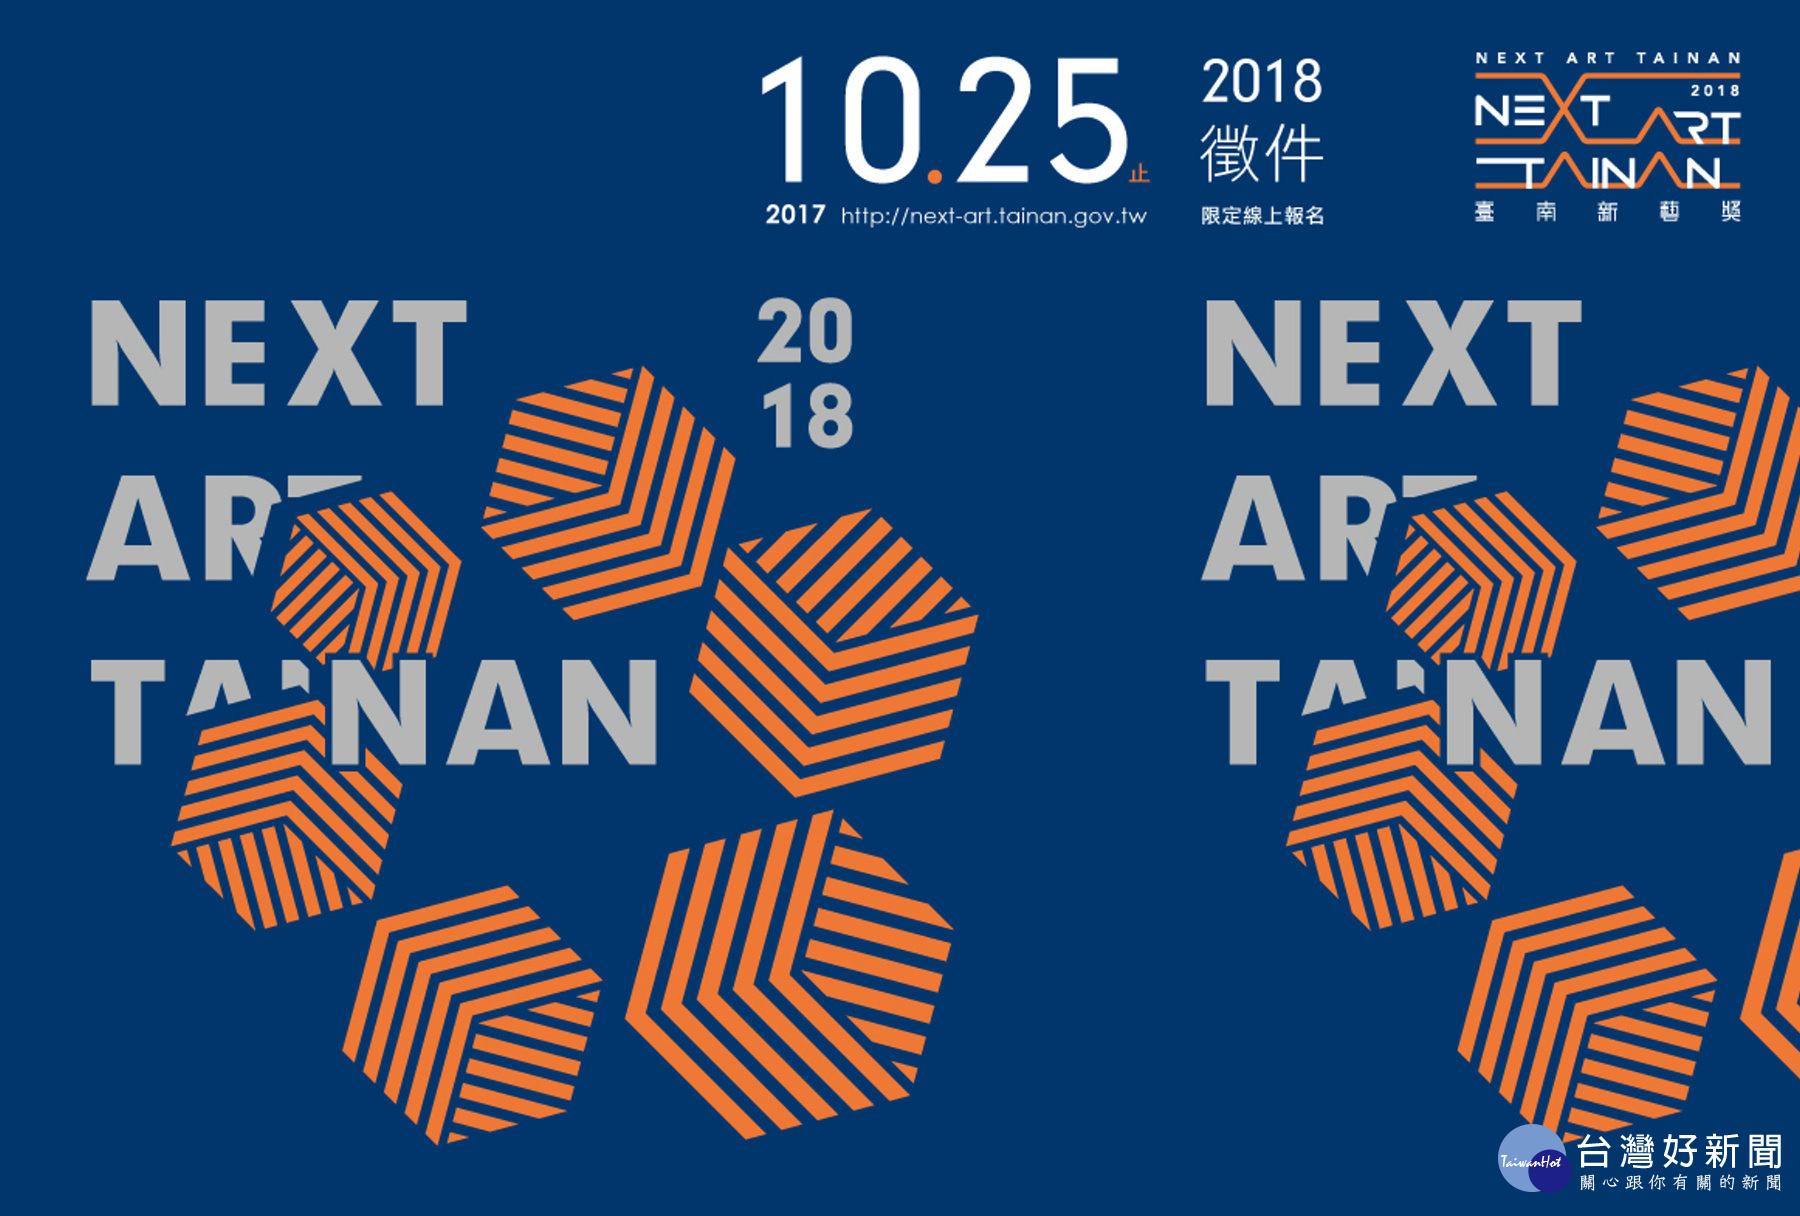 尋找下一個藝術新星 2018臺南新藝獎9/15開始報名